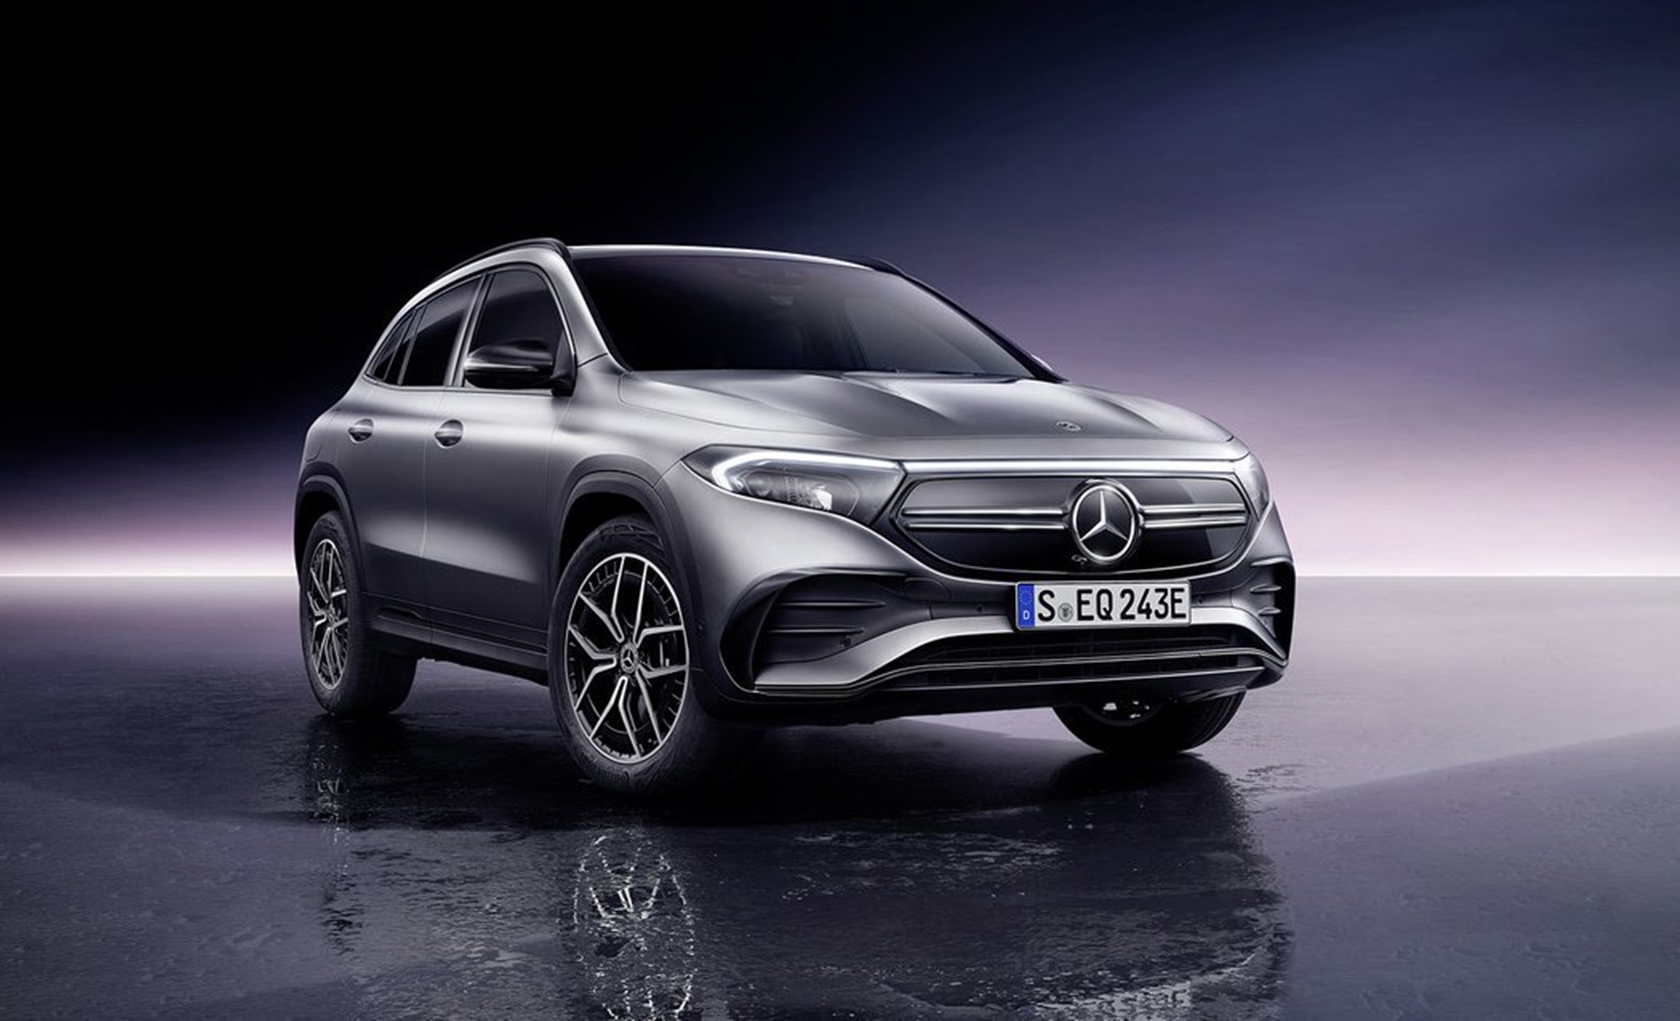 Mercedes - Benz EQA  - premiéra nového elektrického crossoveru